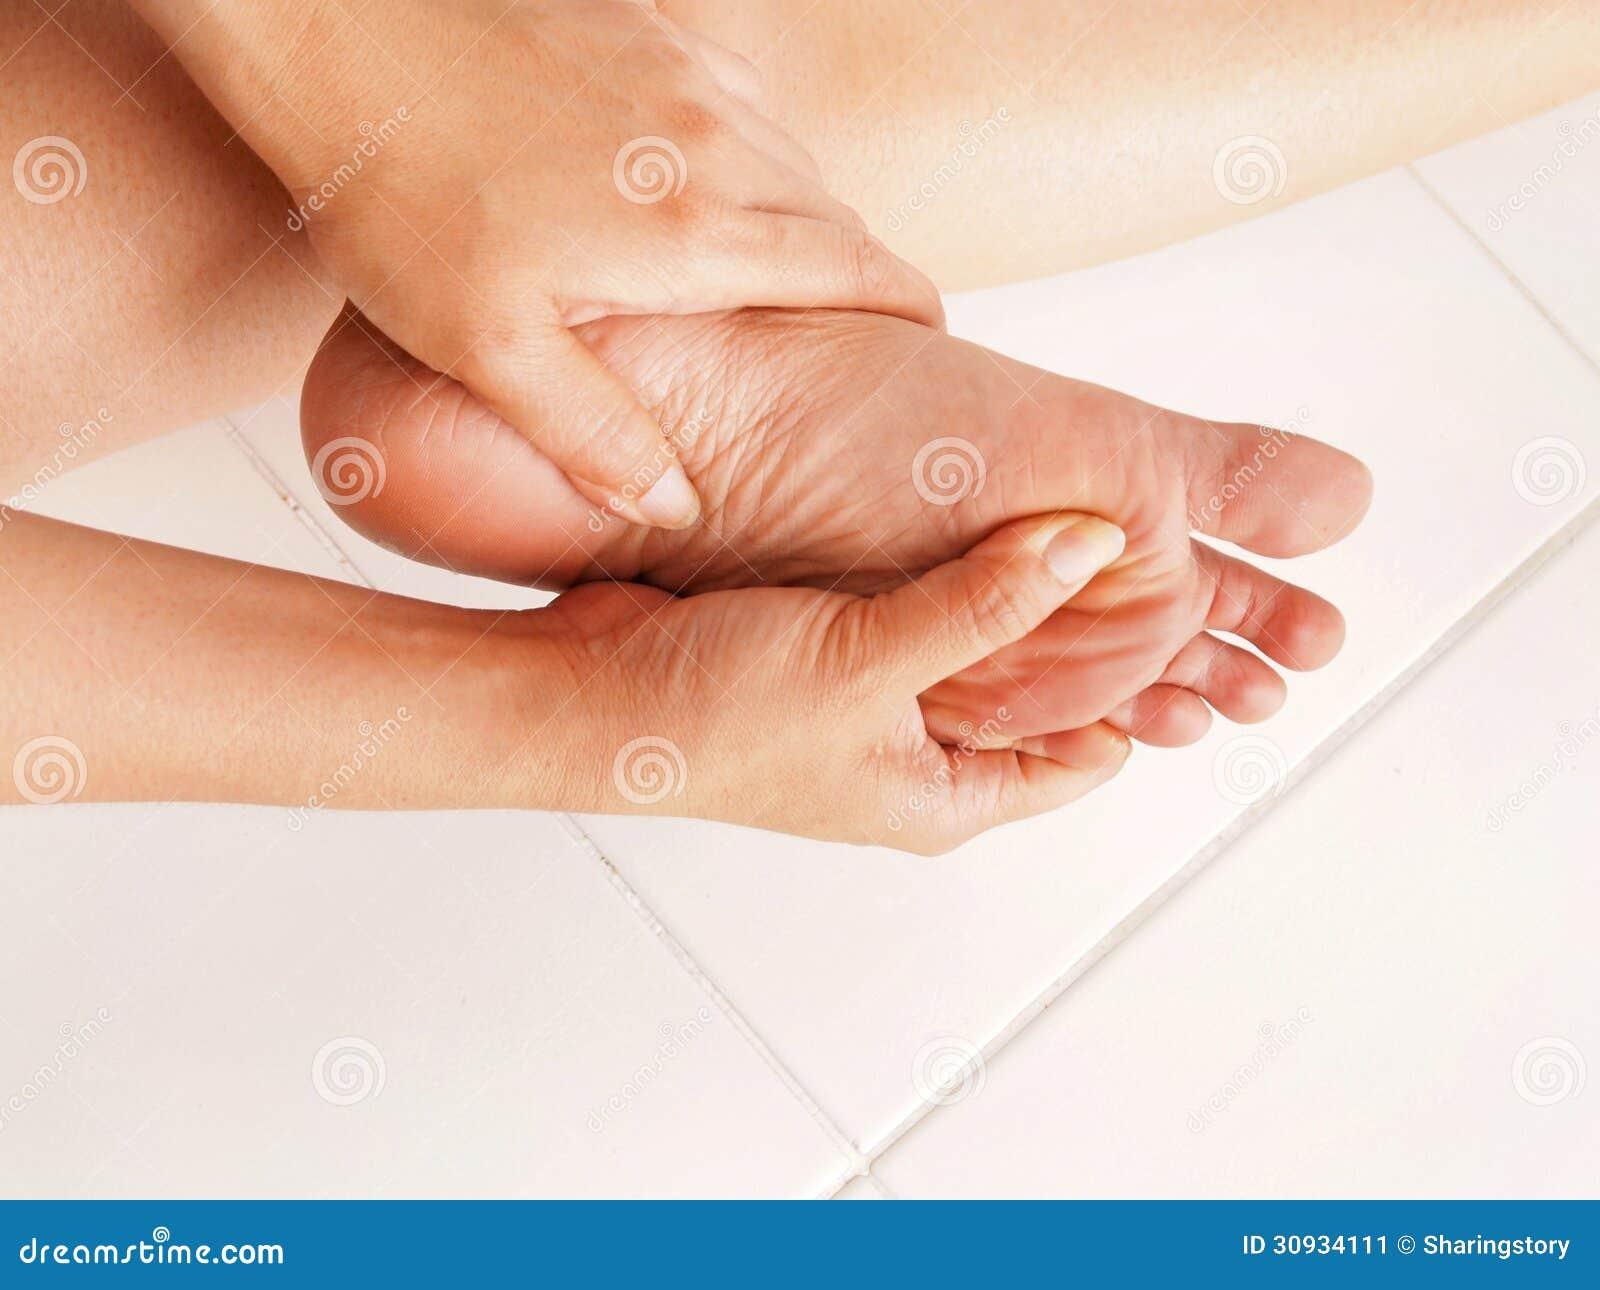 La femme vérifie son pied douloureux